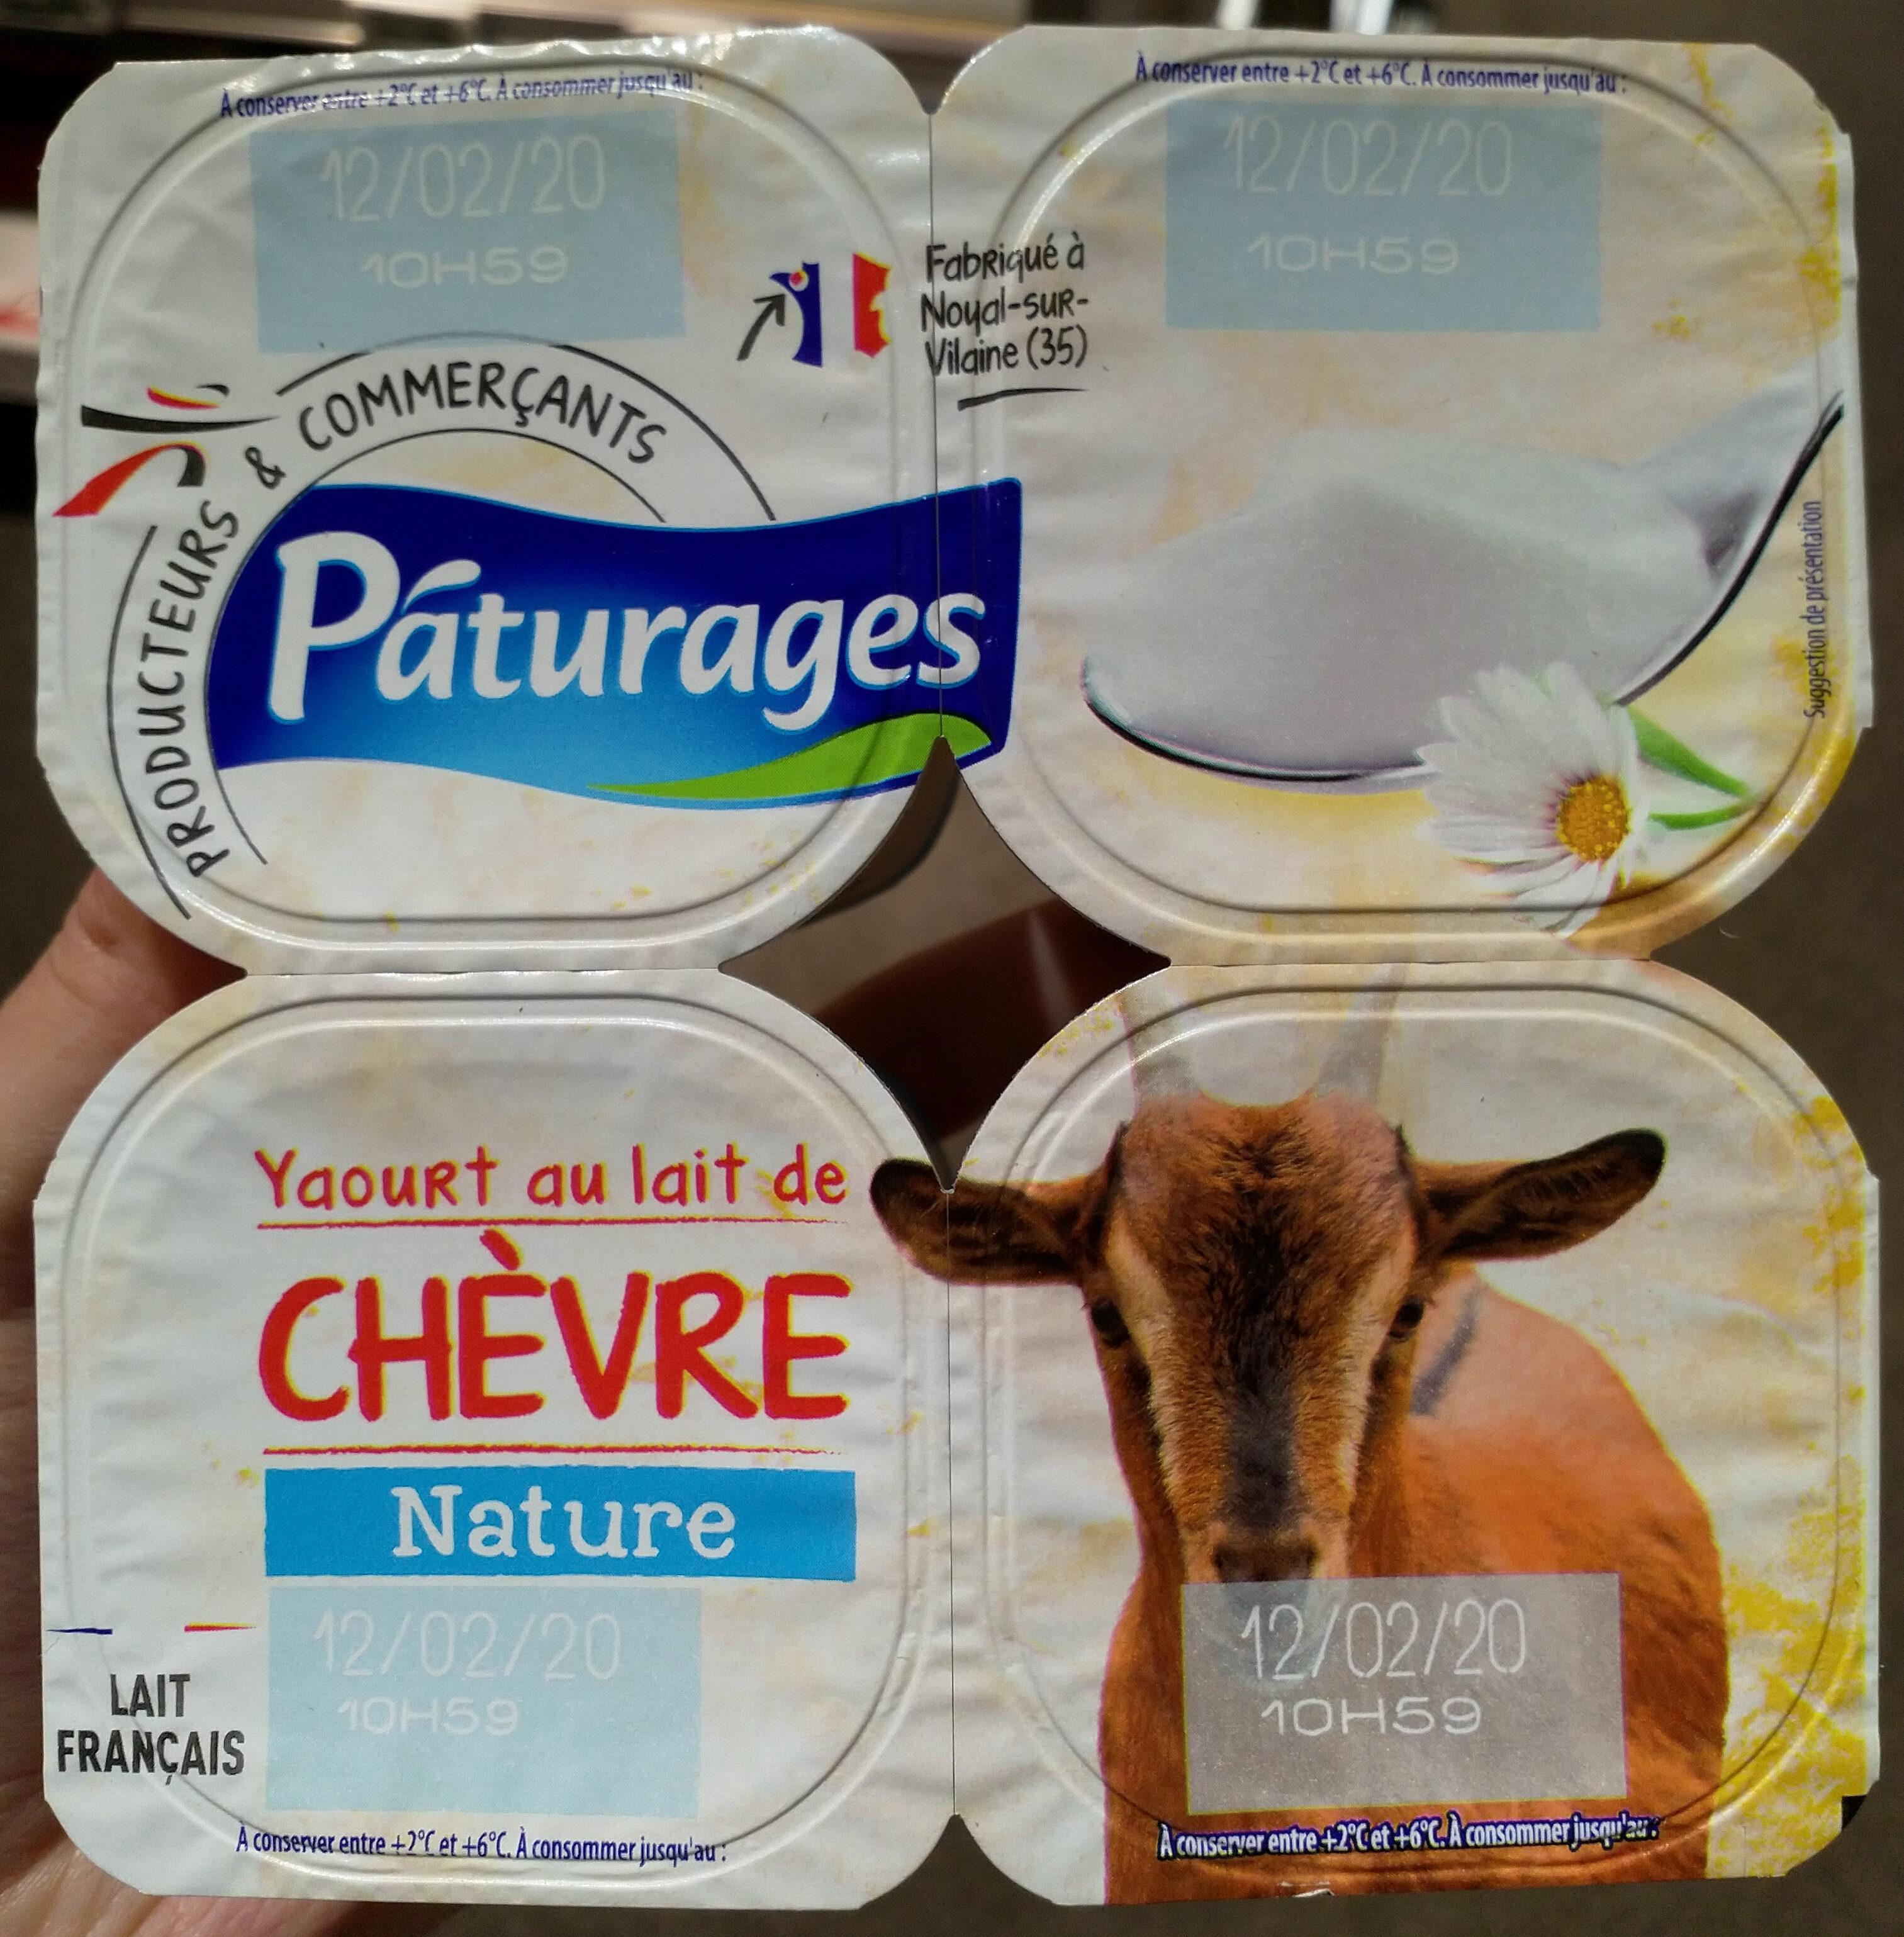 Yaourt au lait de chèvre - Produit - fr